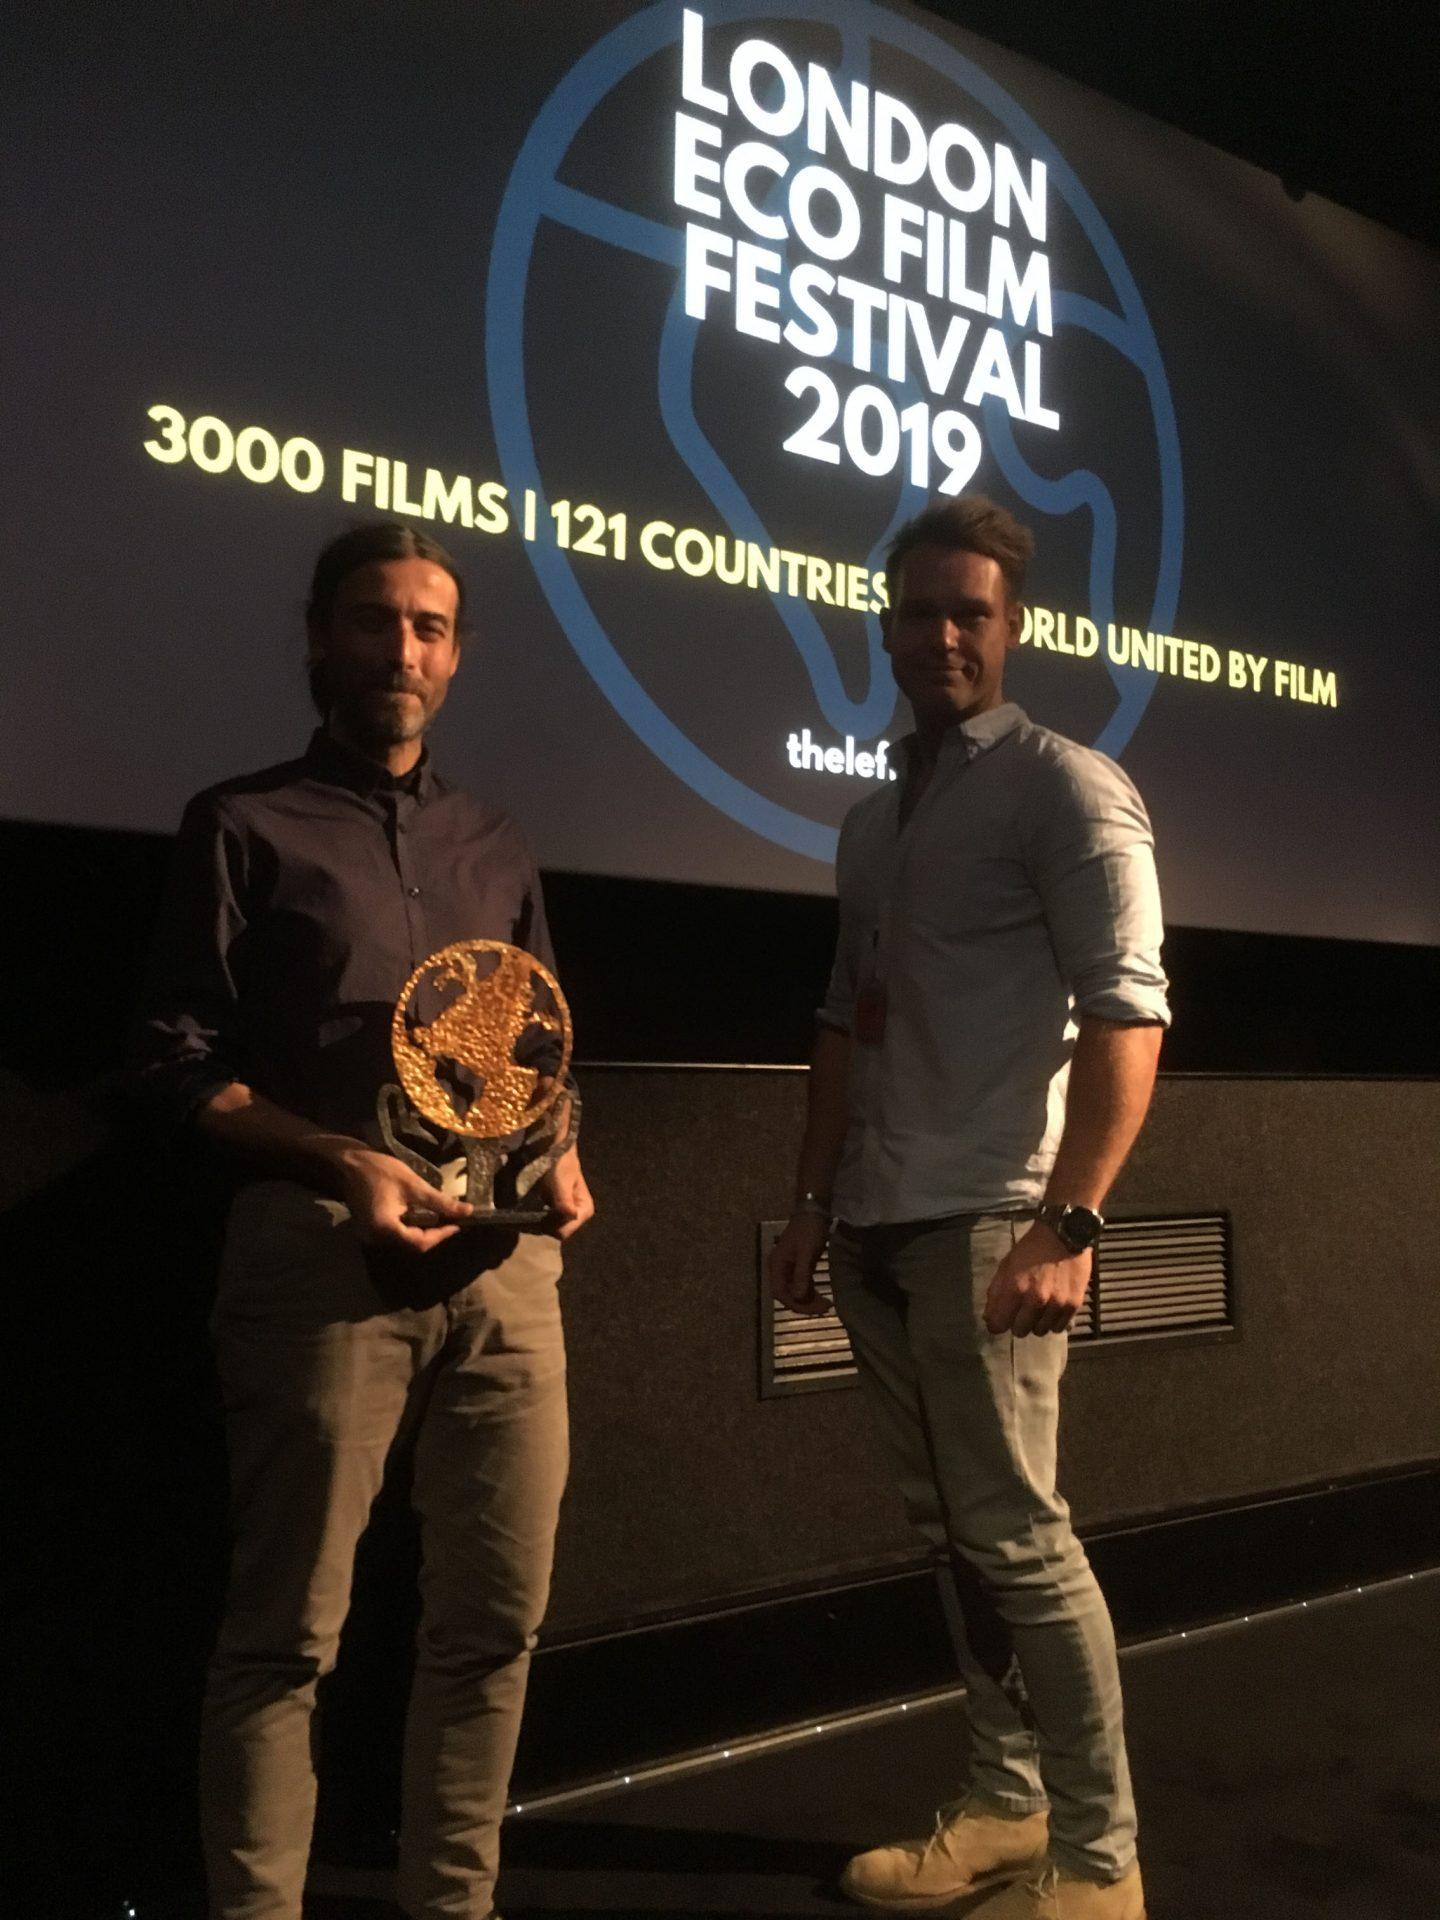 foto the man of trees_premiazione regista Tore Manca al London Eco Film Festival